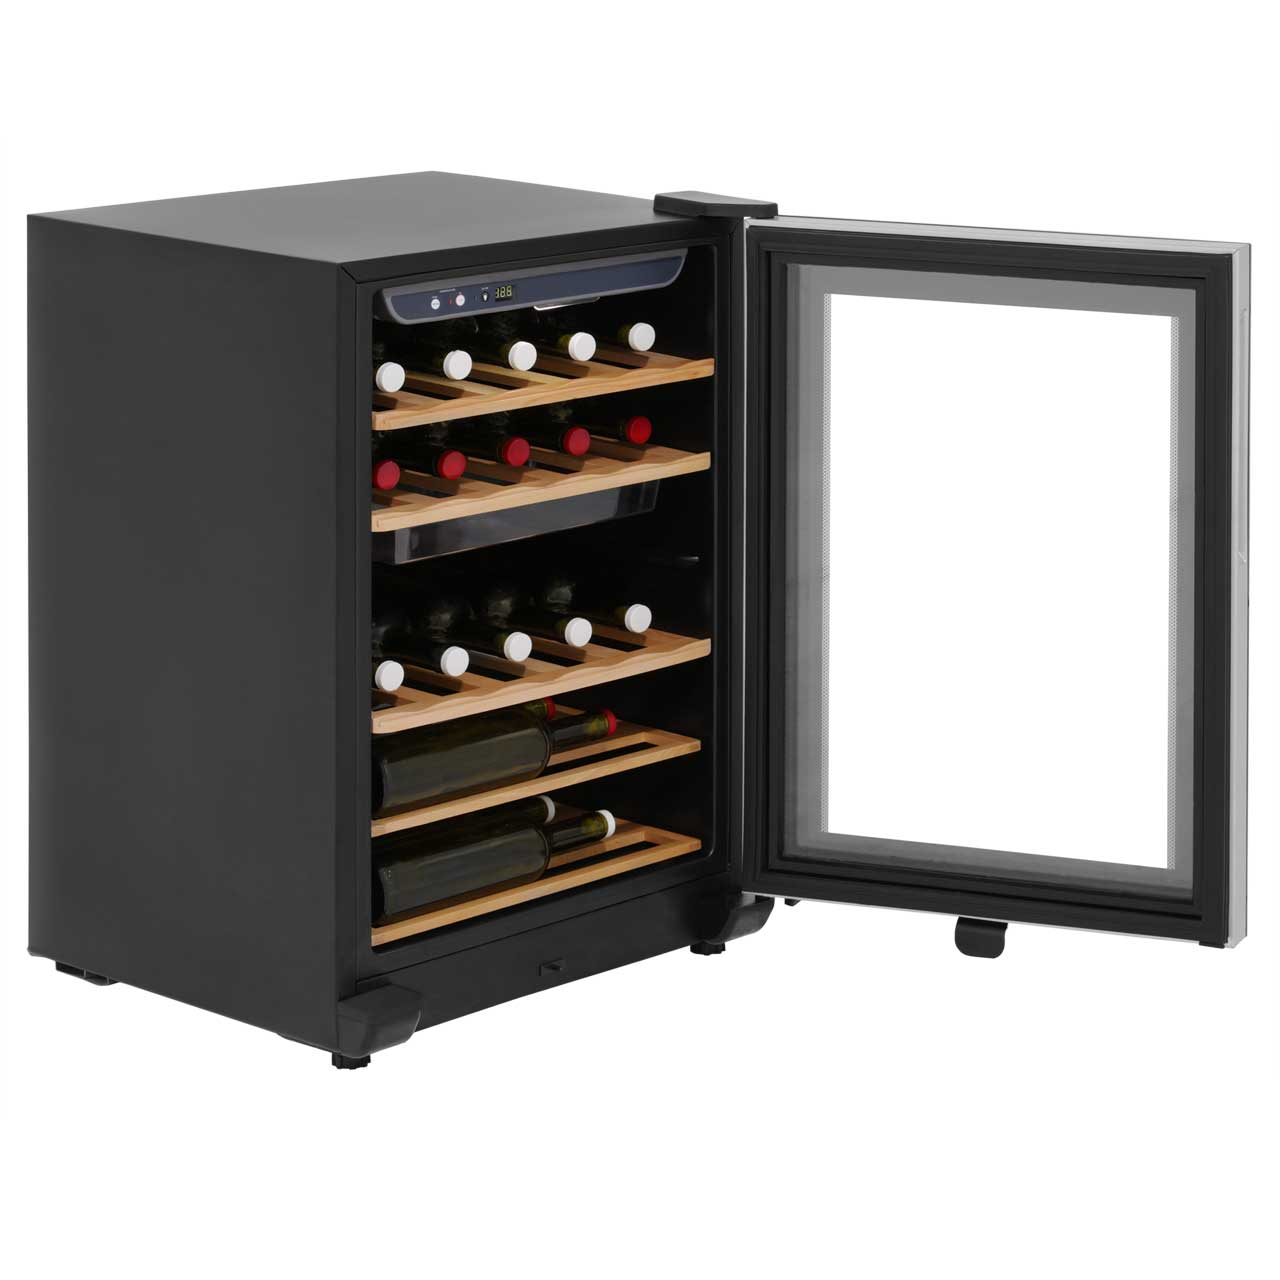 haier ws25ga free standing wine cooler fits 25 bottles. Black Bedroom Furniture Sets. Home Design Ideas